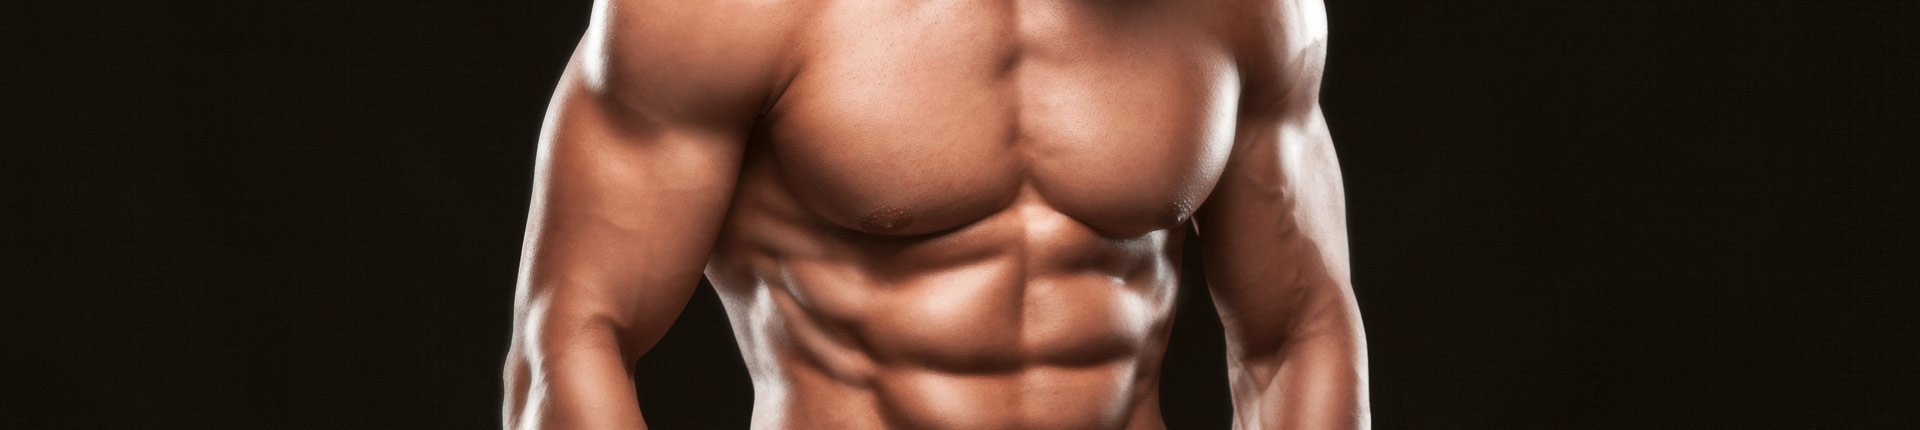 Dieta ketogeniczna nie nadaje się do budowania masy?